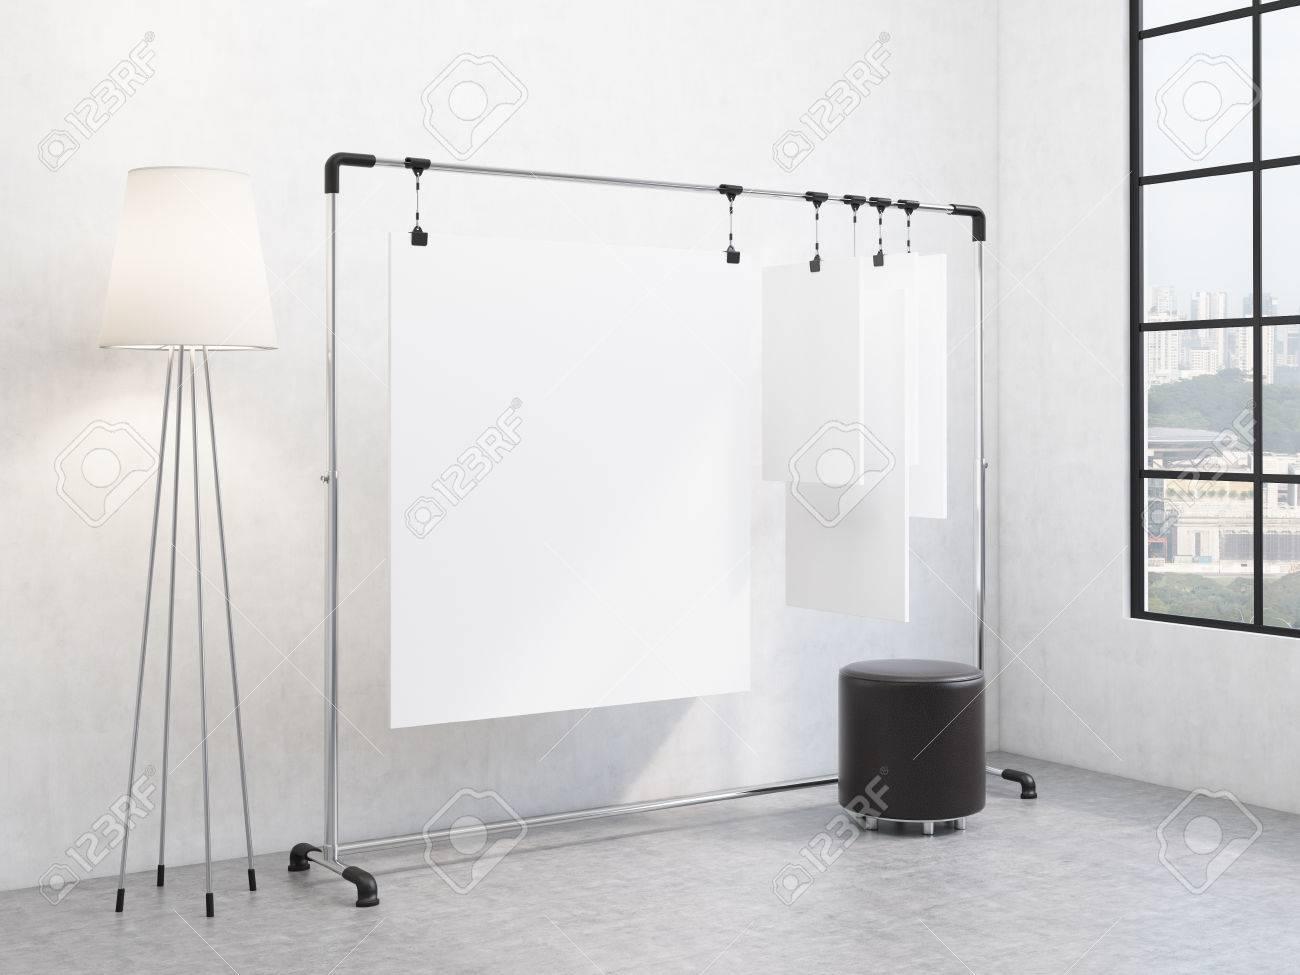 Ein Tragbares Rack Fur Papier In Der Ecke Des Raumes Papierbogen